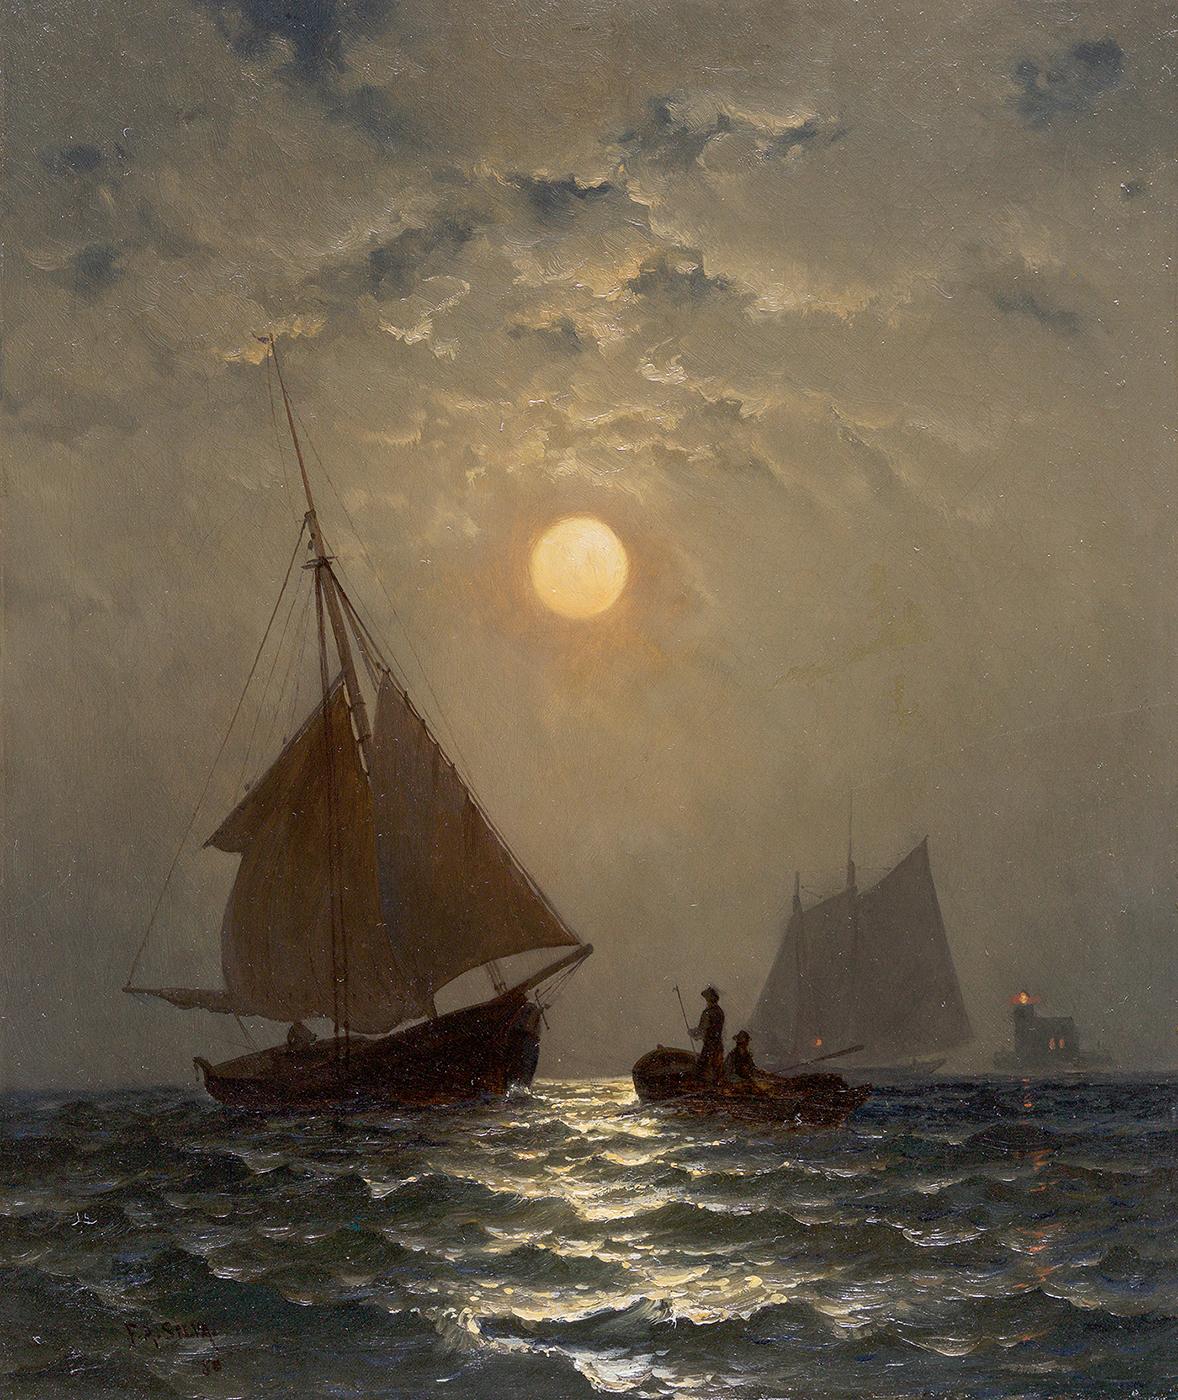 Moonlight Sail, 1880